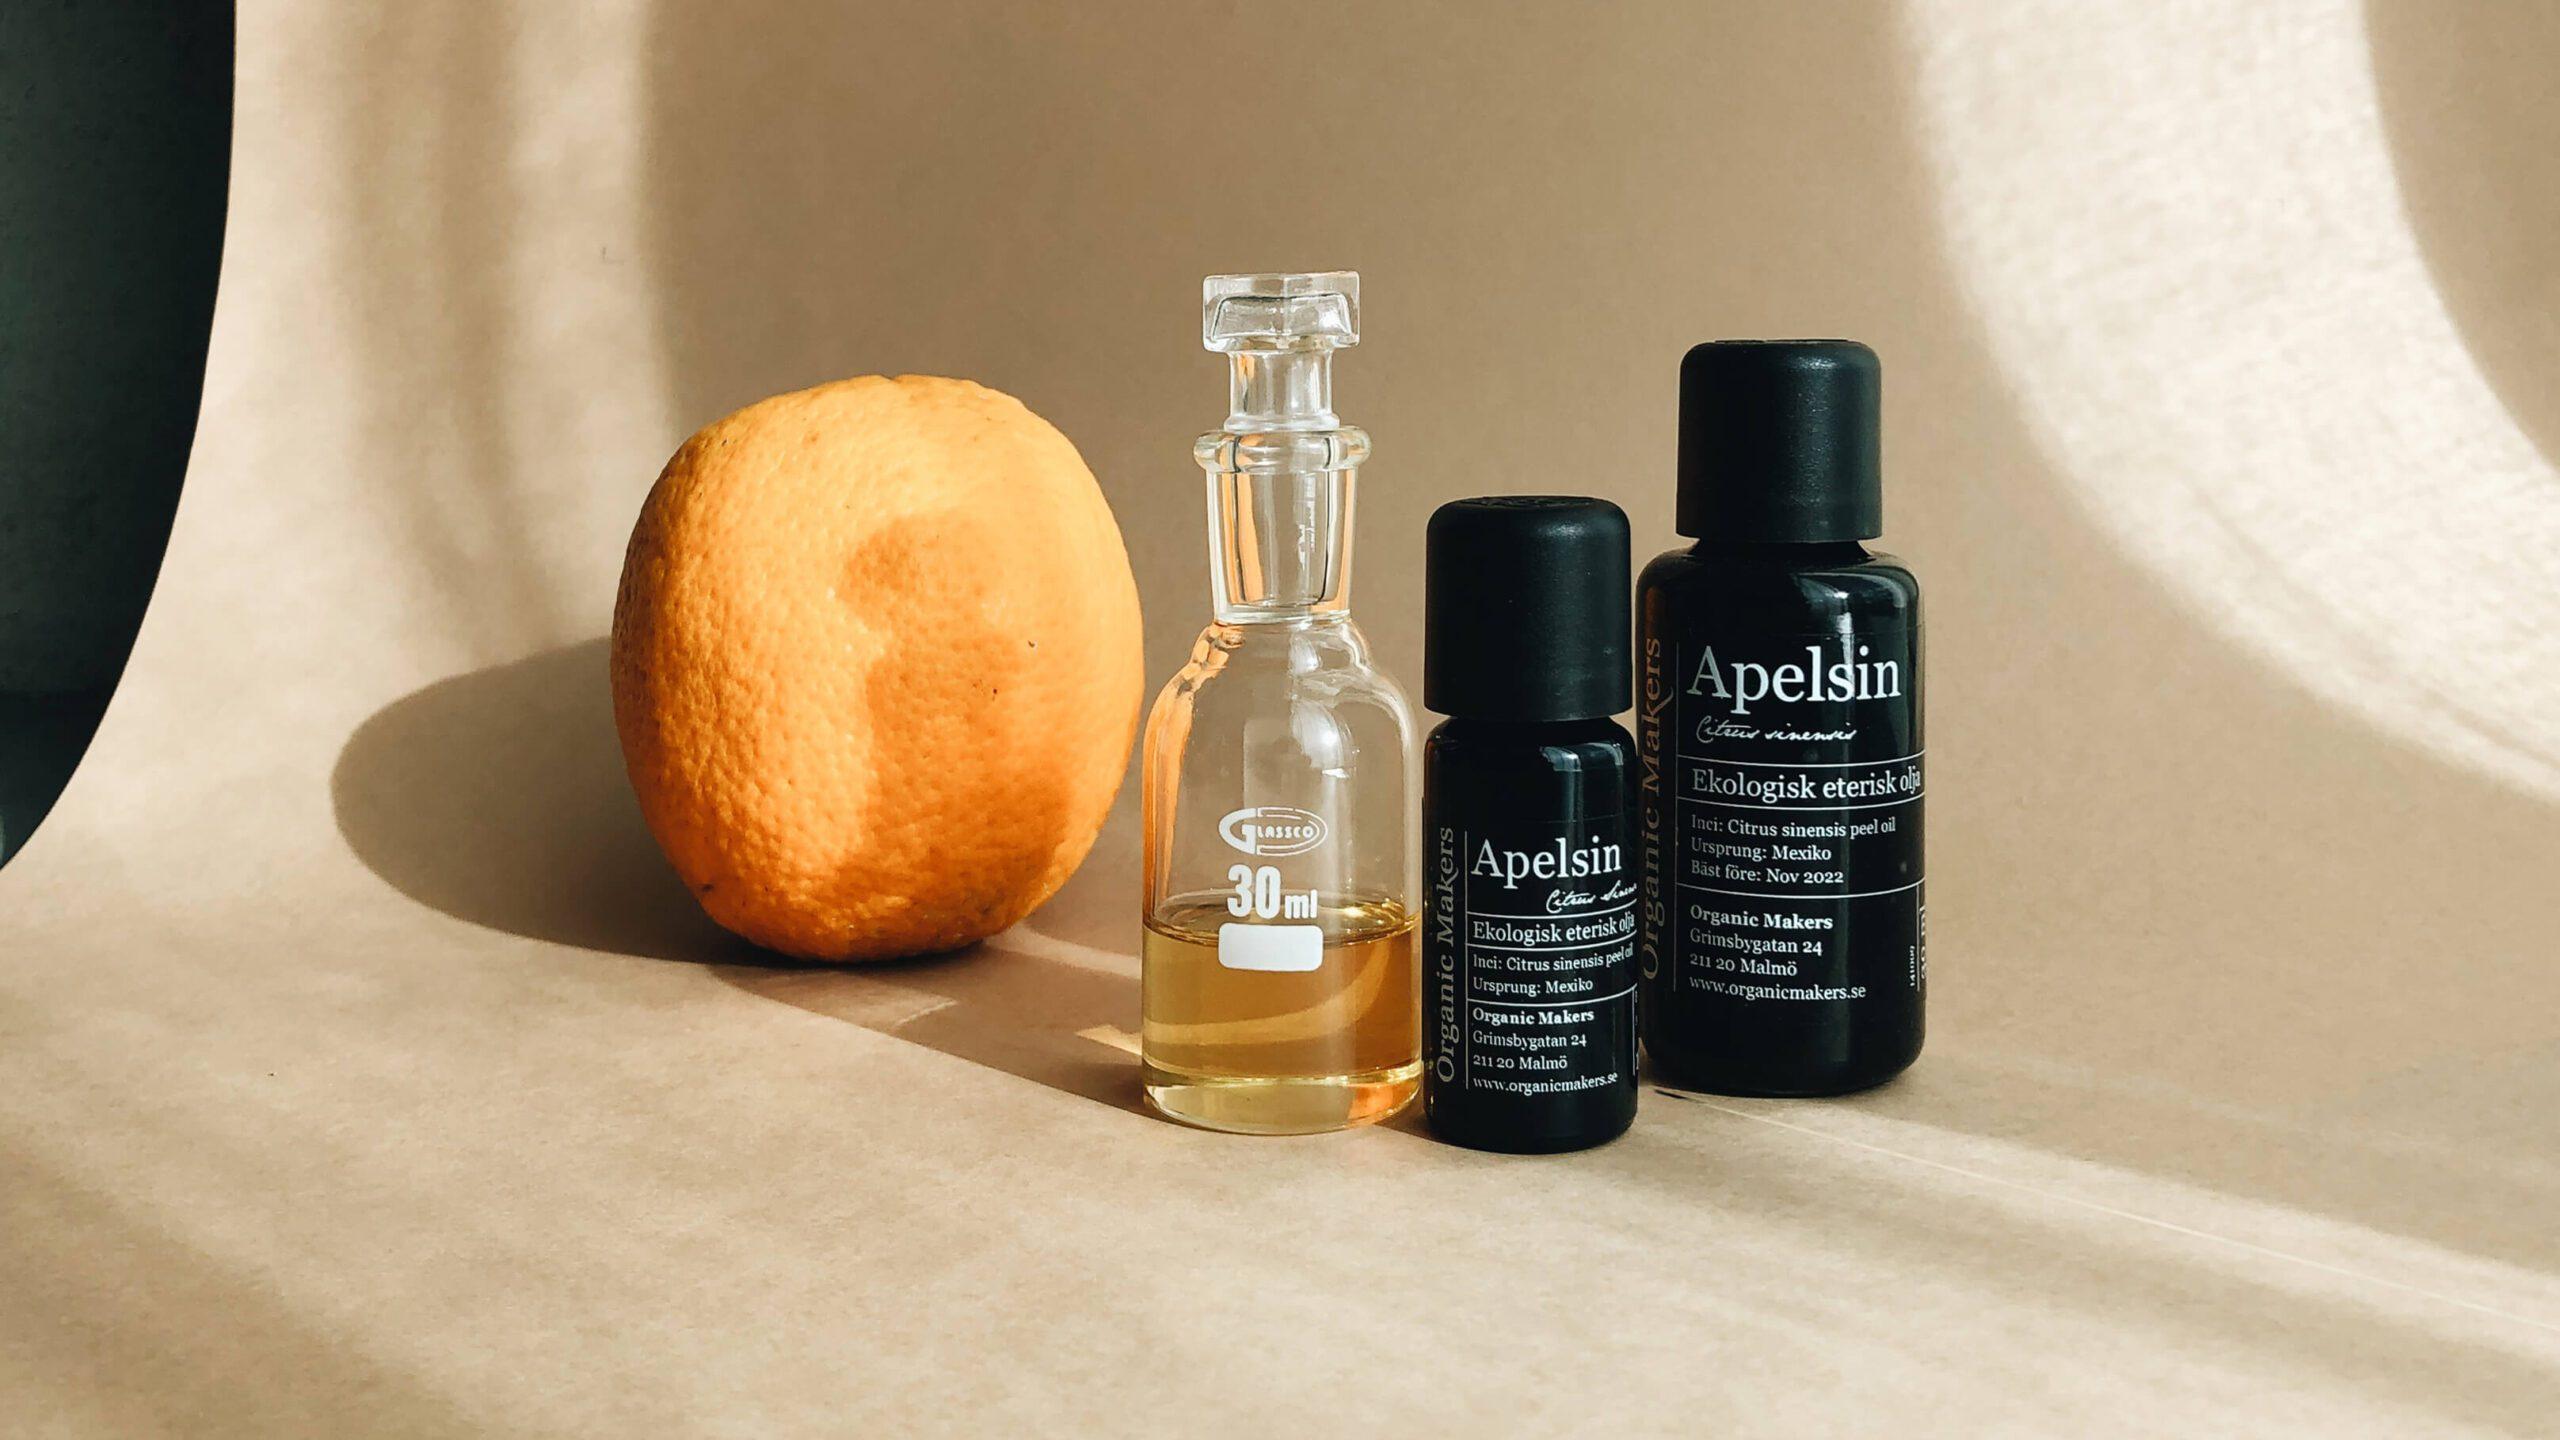 Eterisk olja apelsin - ekologisk - organicmakers.se